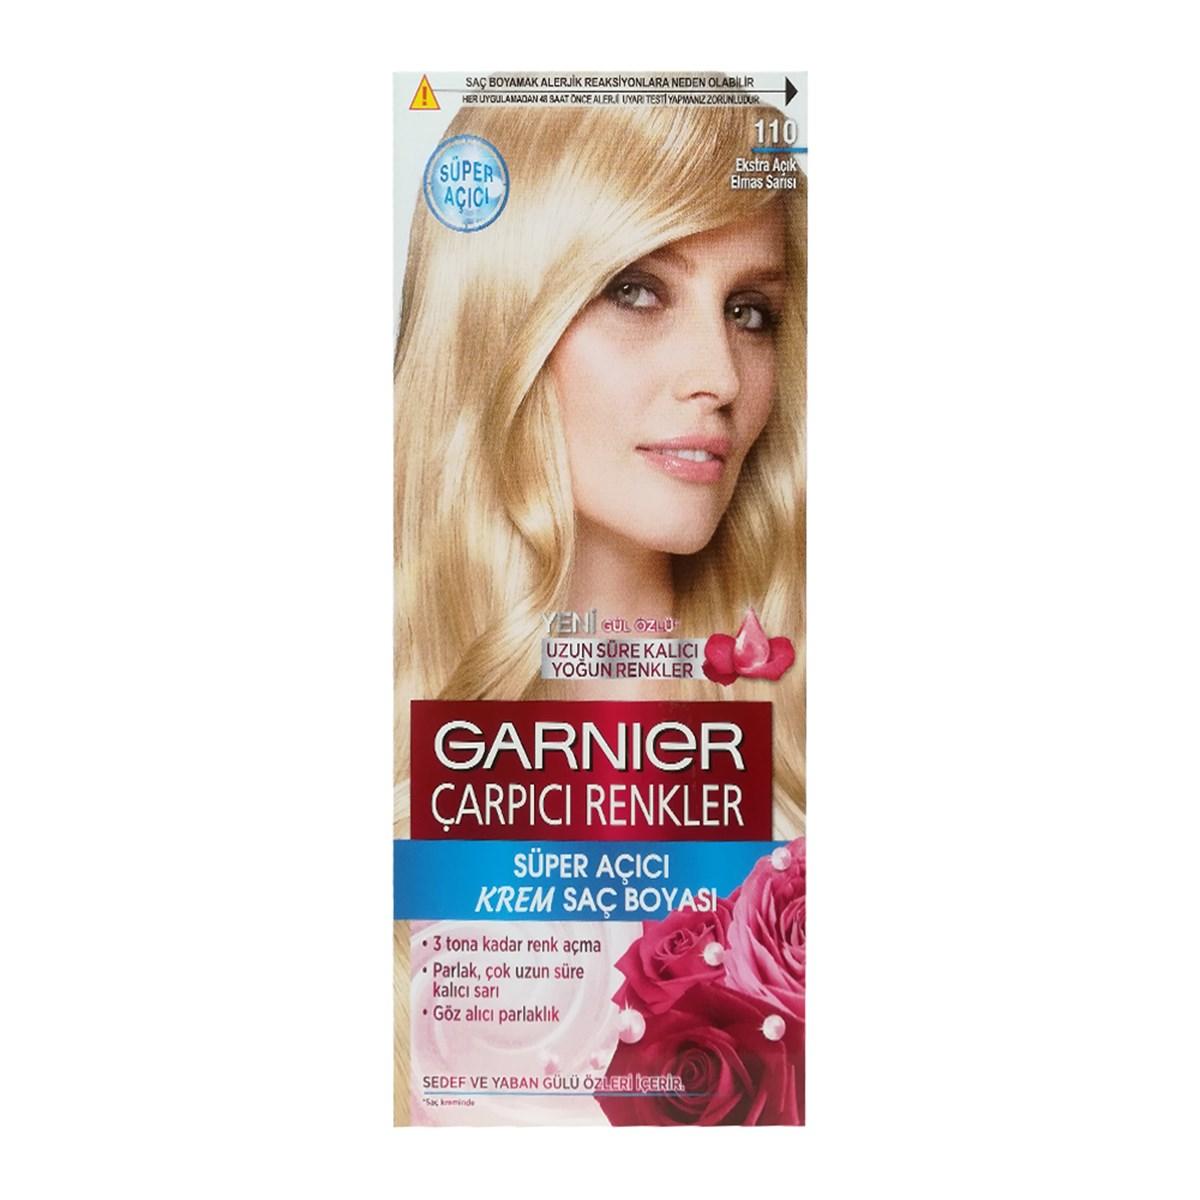 کیت رنگ مو گارنیر سری Çarpıcı Renkler شماره 110